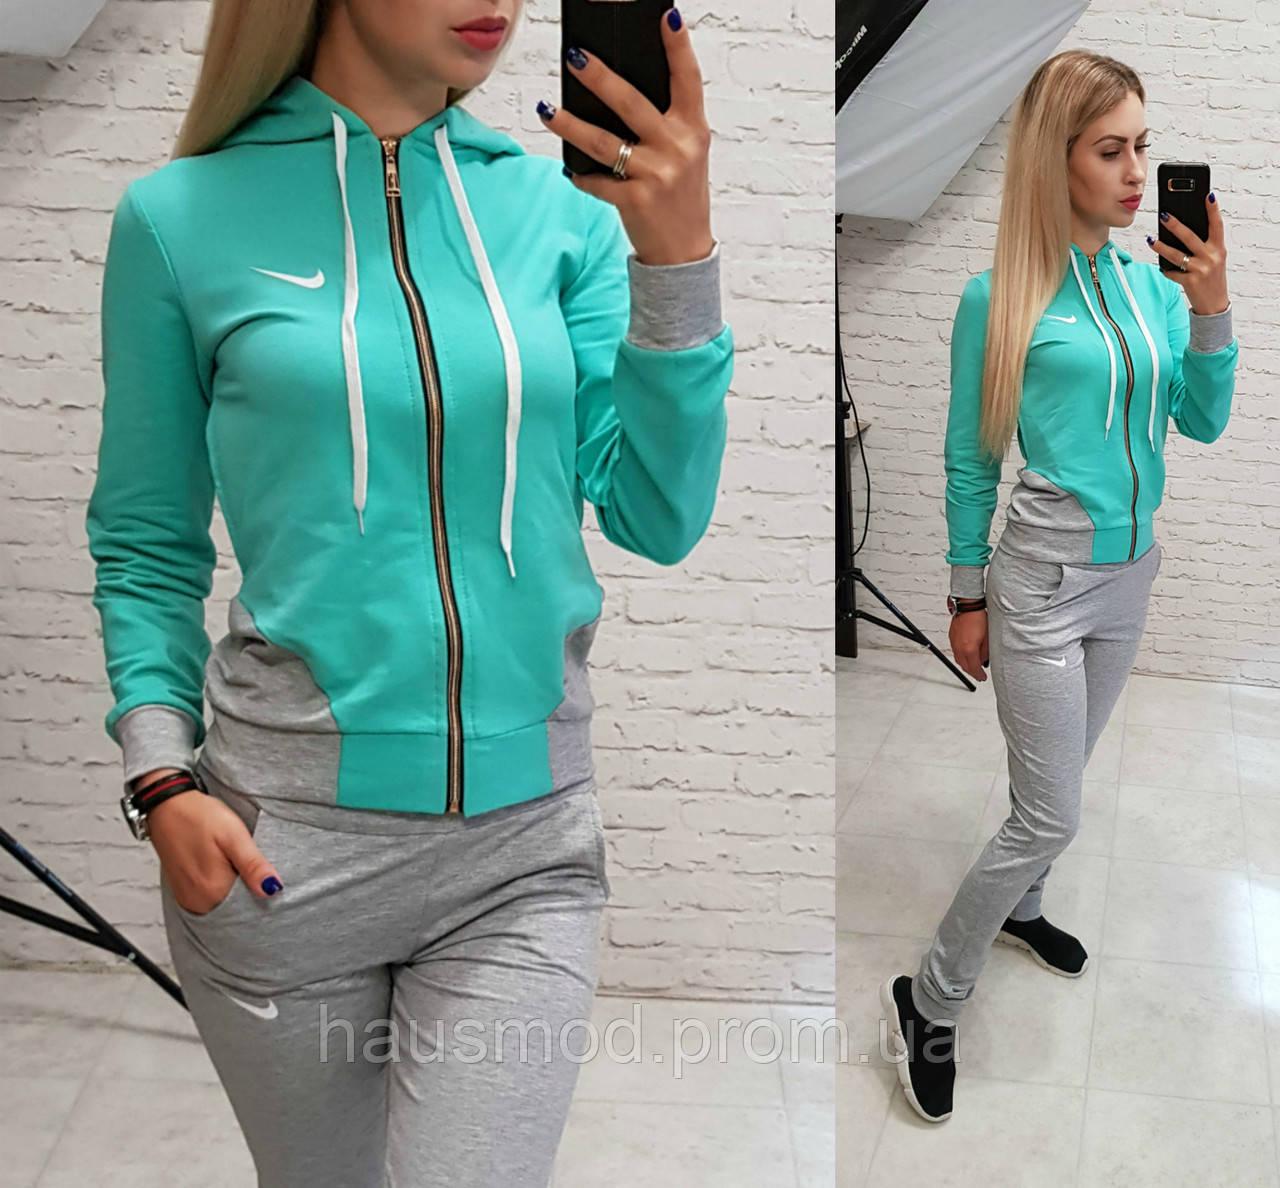 Новинка! женский спортивный костюм двух нить найк серый с ментолом 42 44 46  -